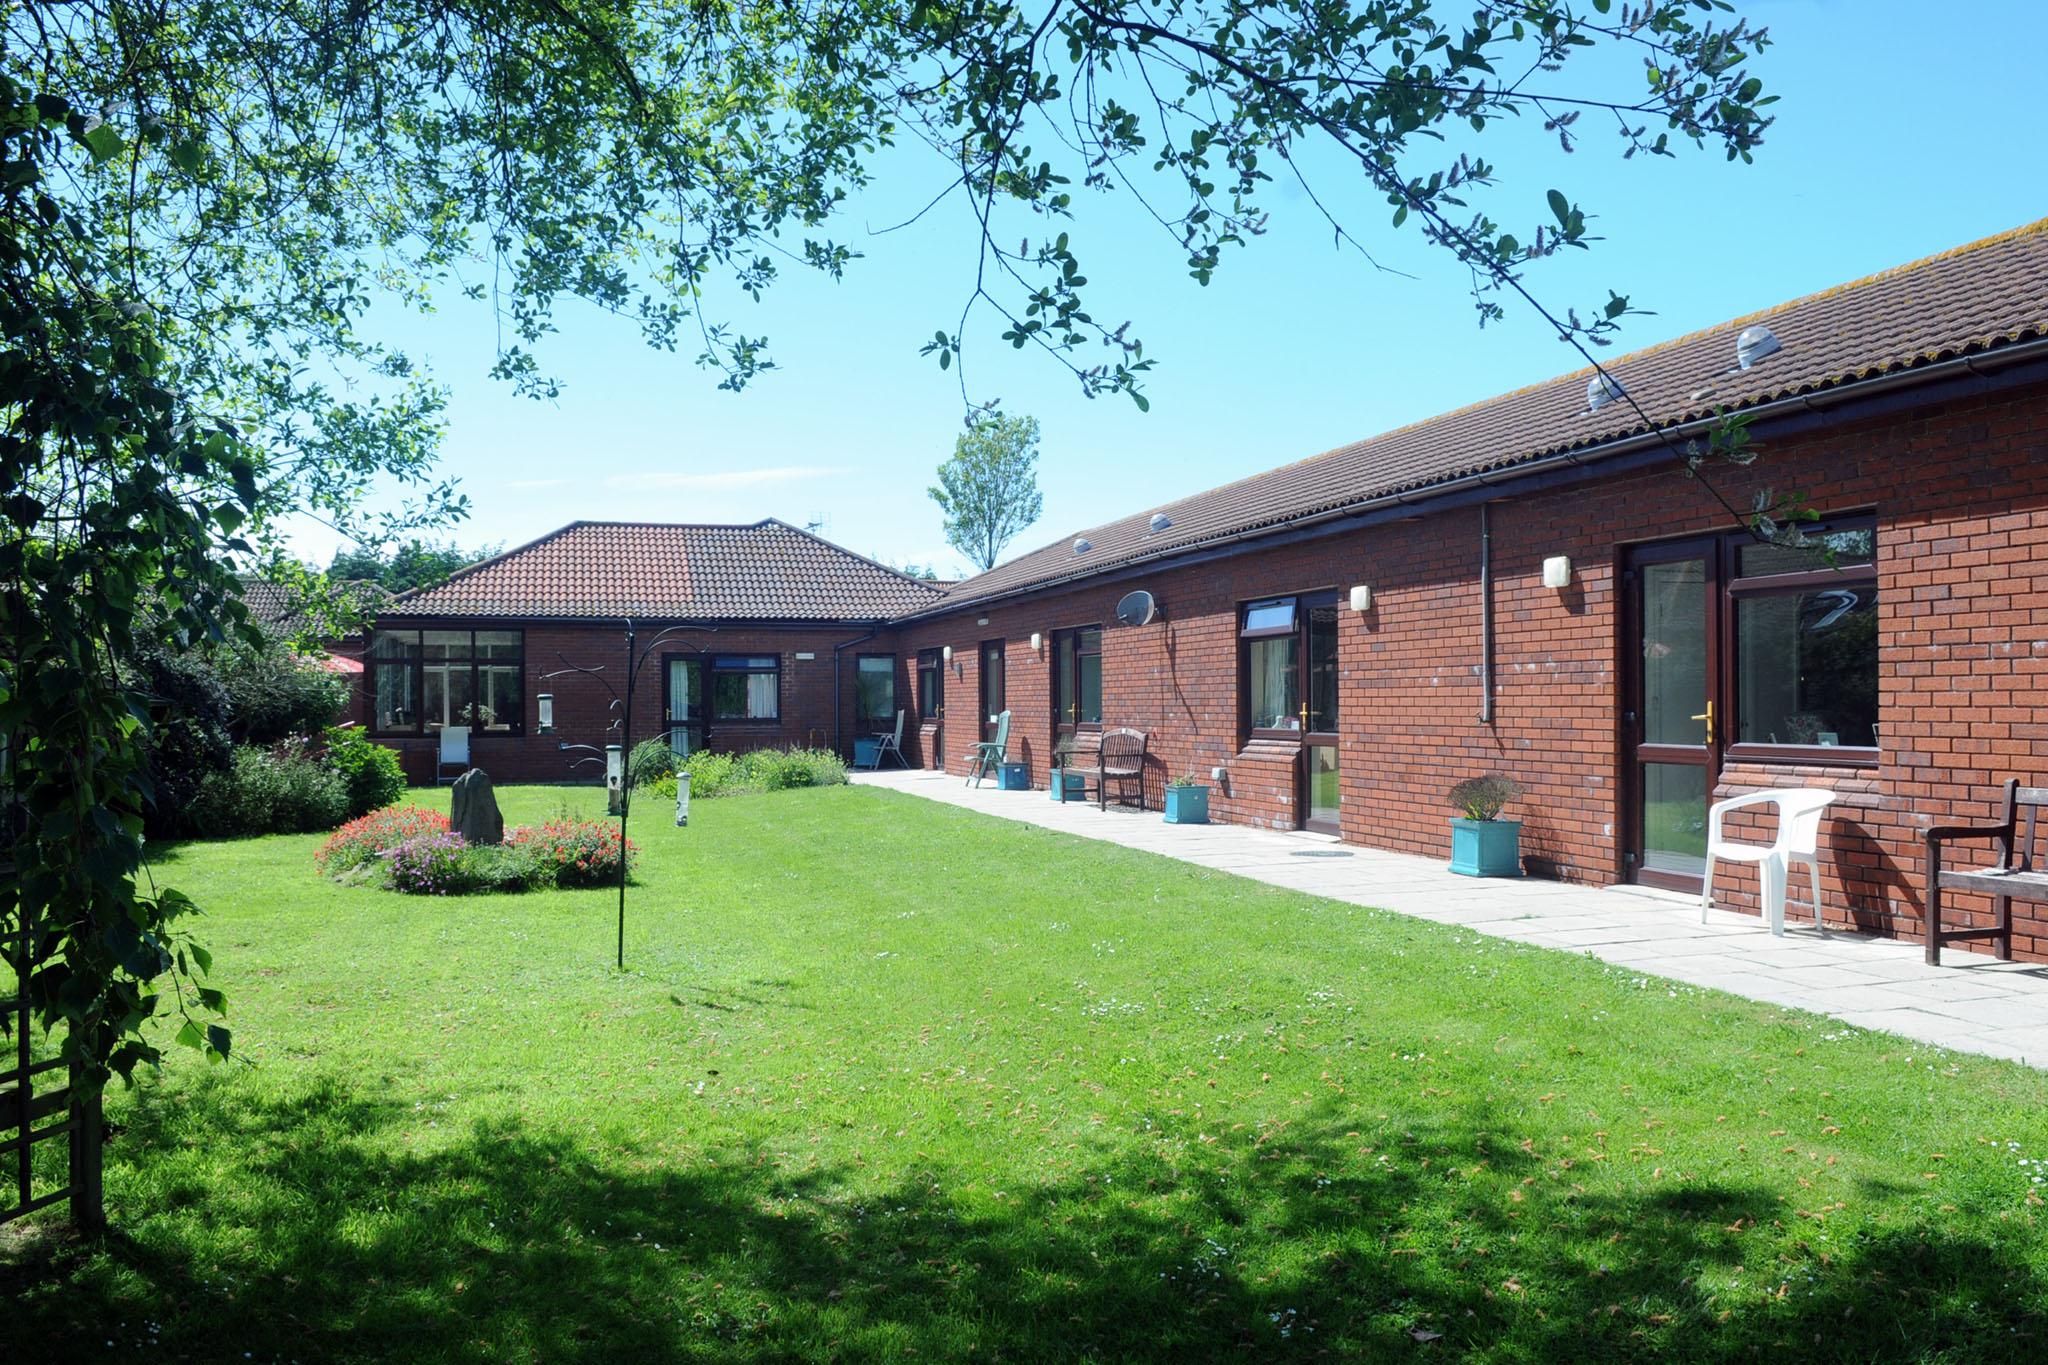 Manorfield Residential Home Garden / Walkway